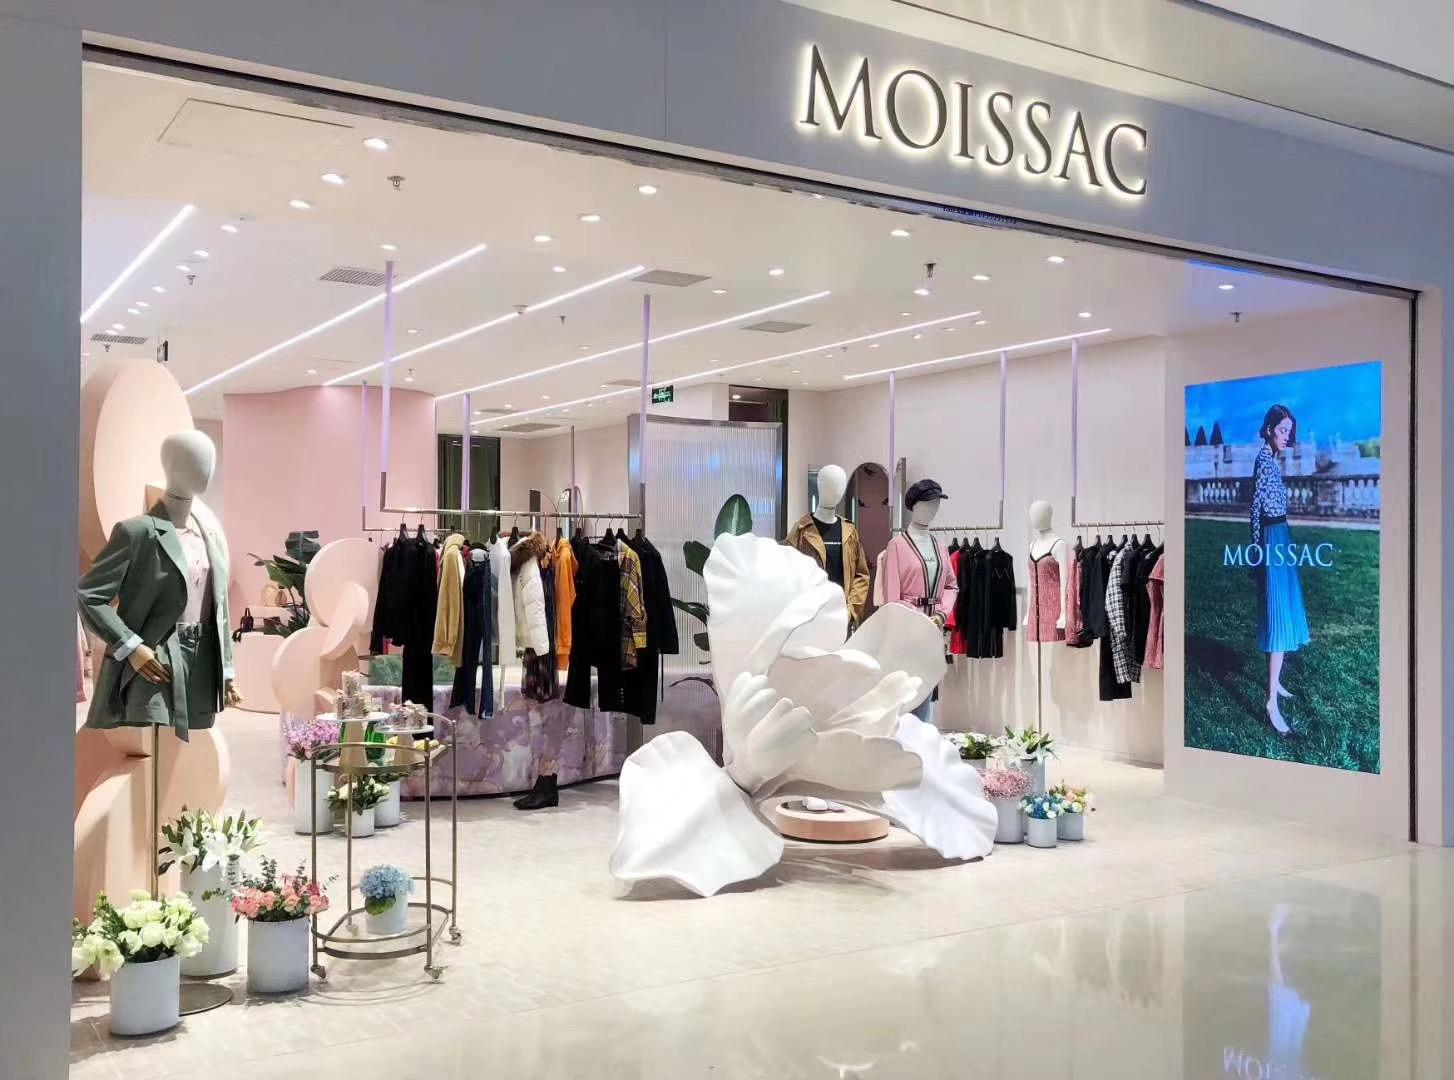 MOISSAC服装品牌店铺展示道